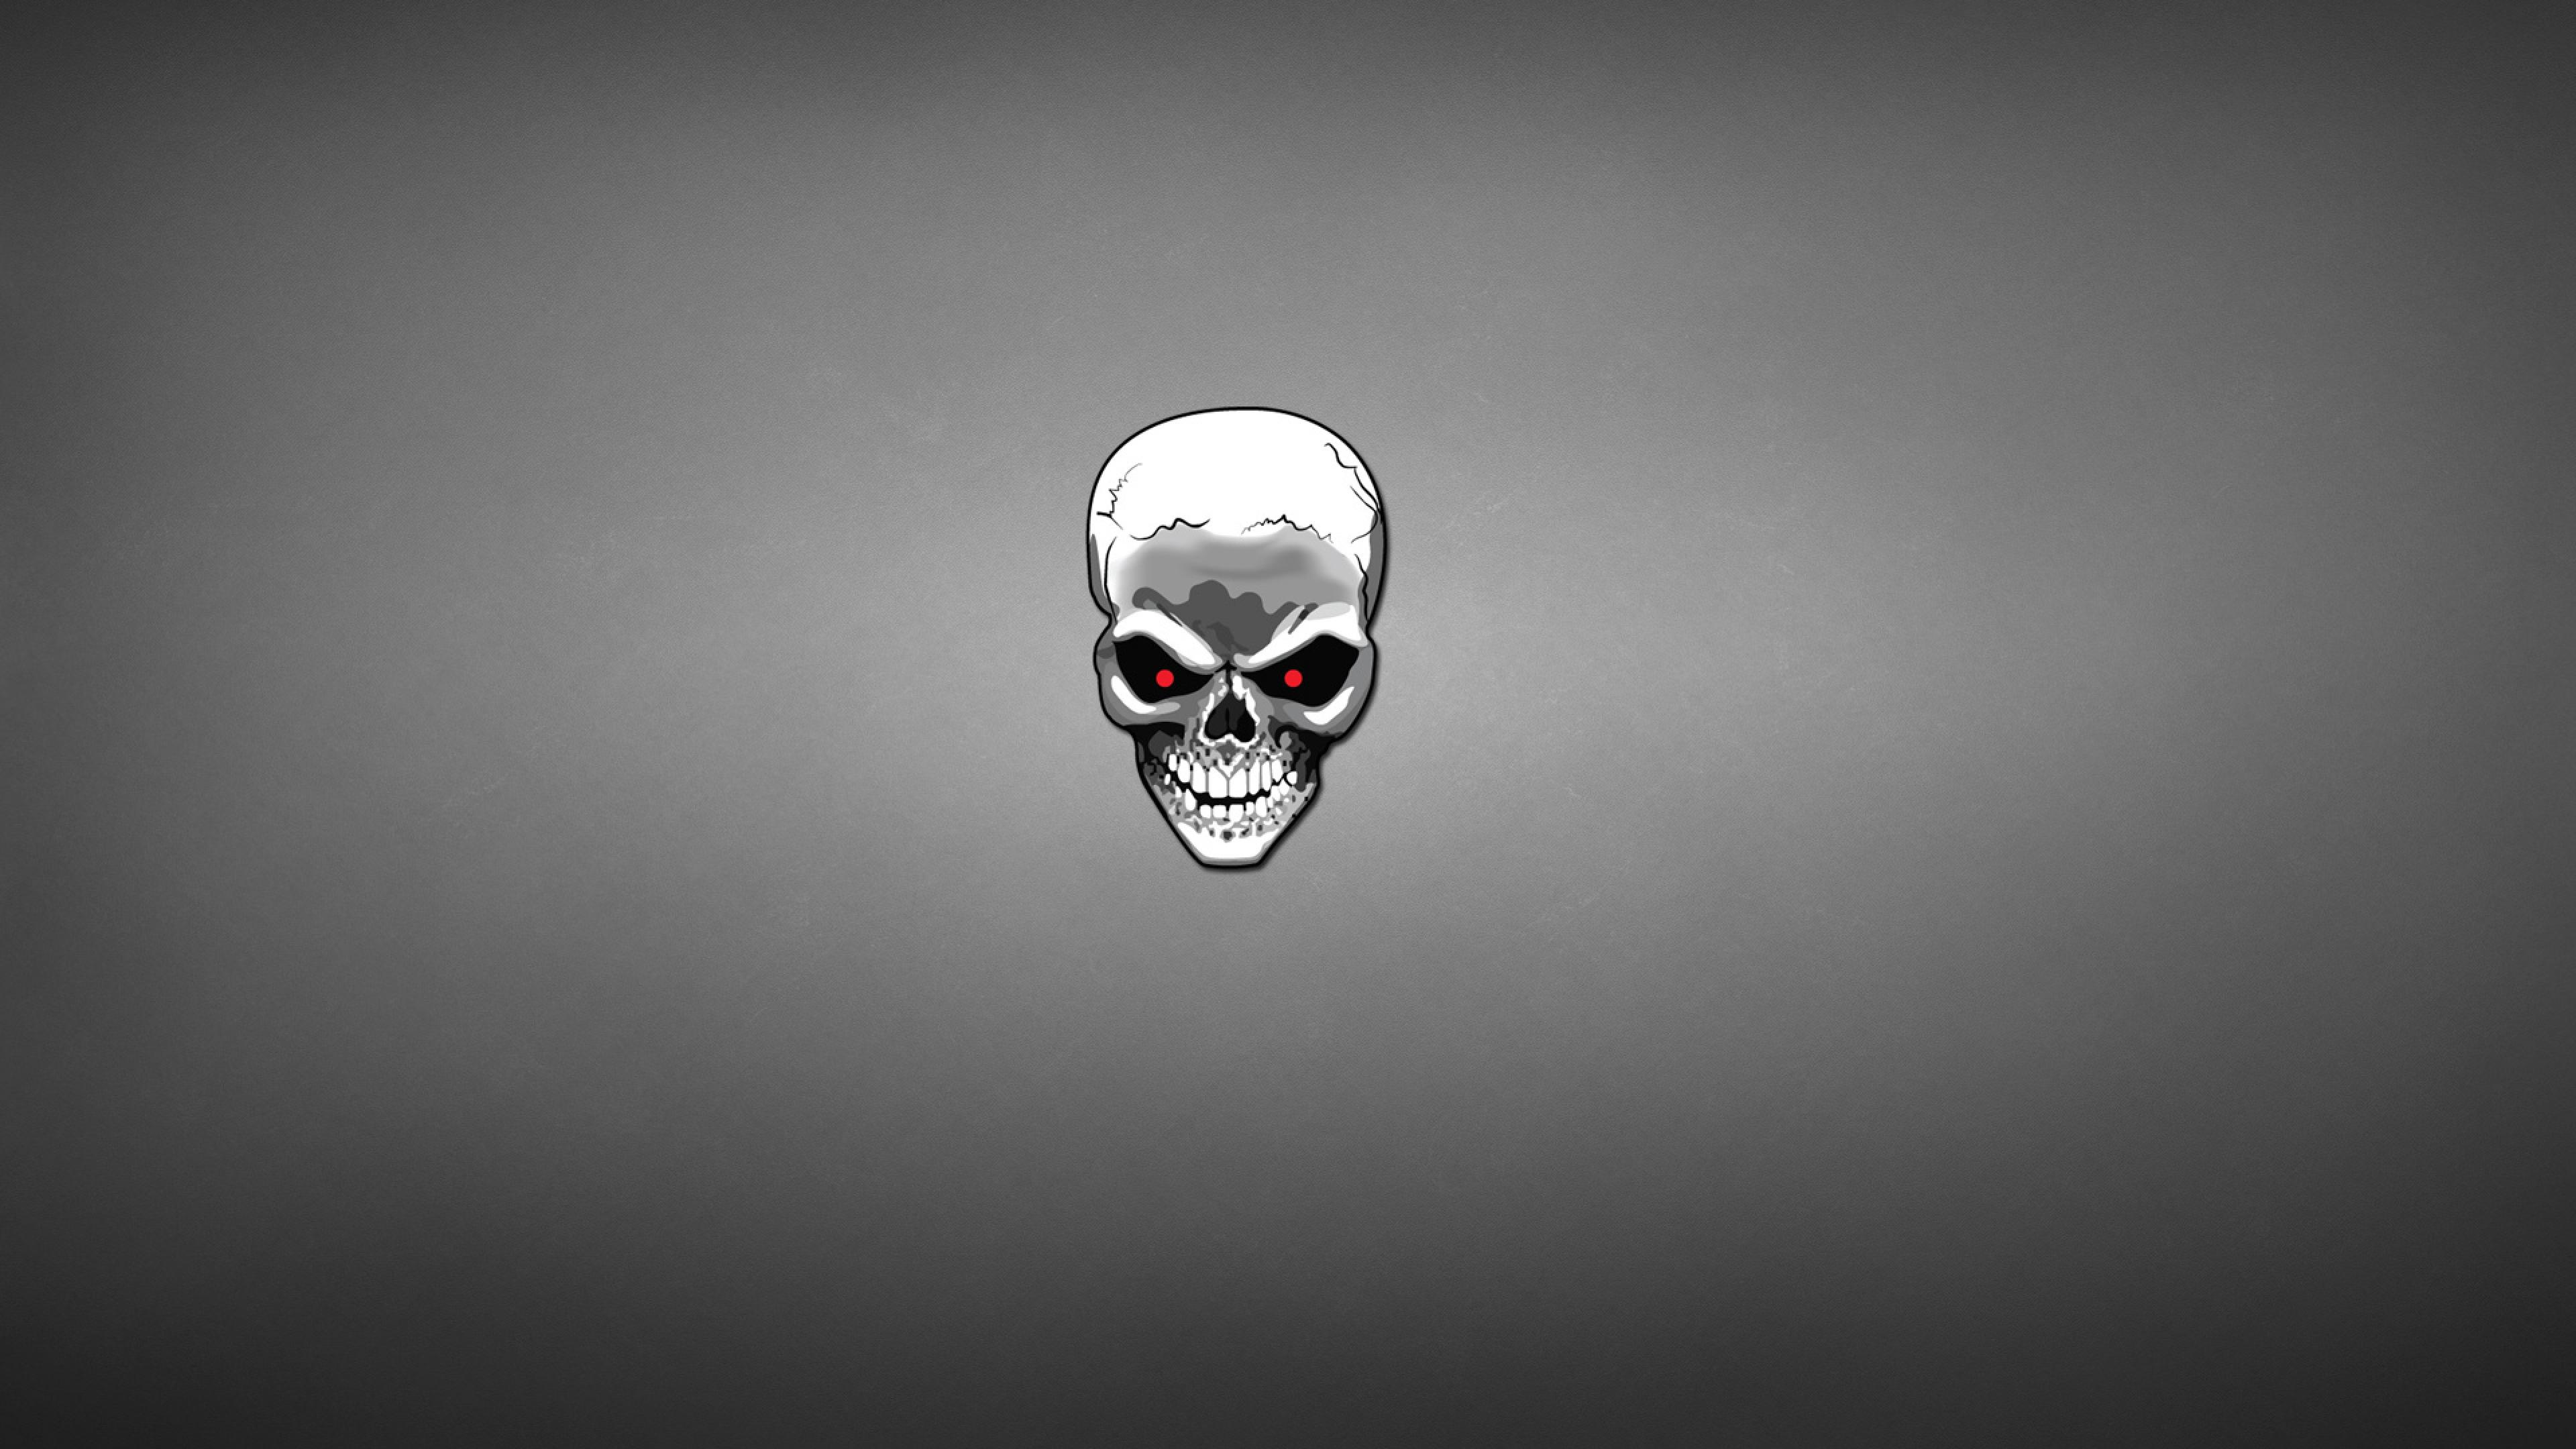 Skull art 2 hd artist 4k wallpapers images backgrounds - Skull 4k images ...